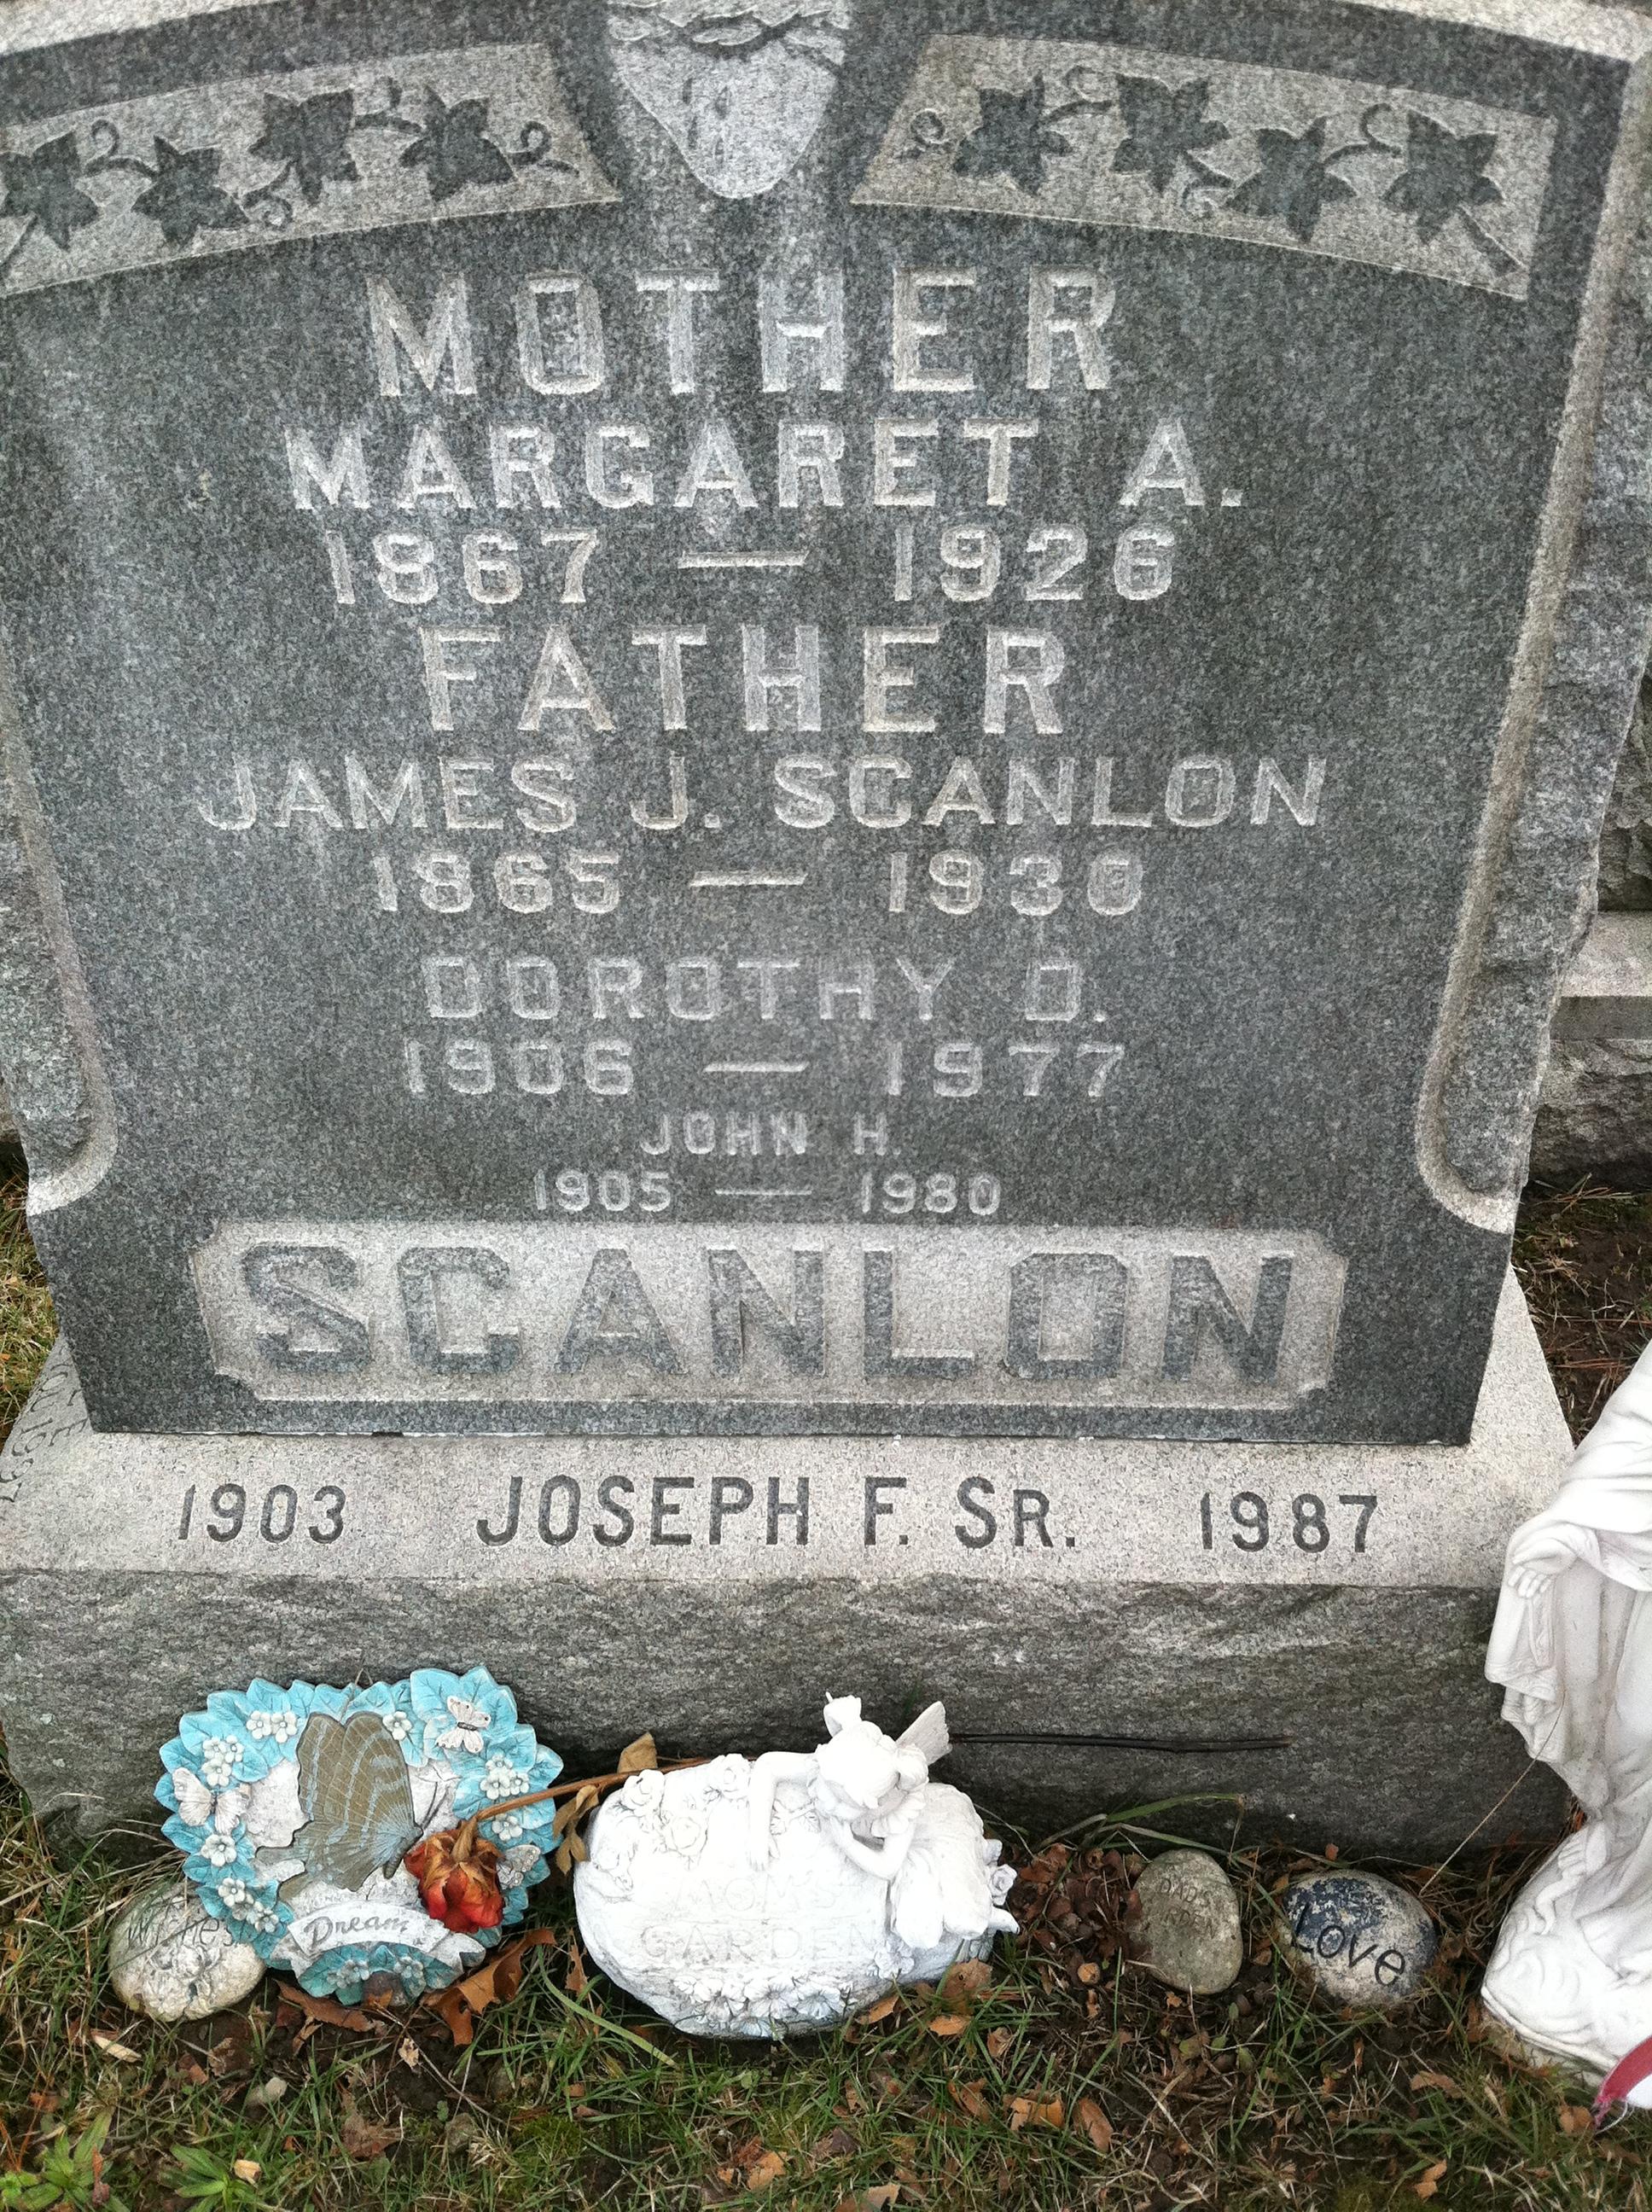 James J Scanlon